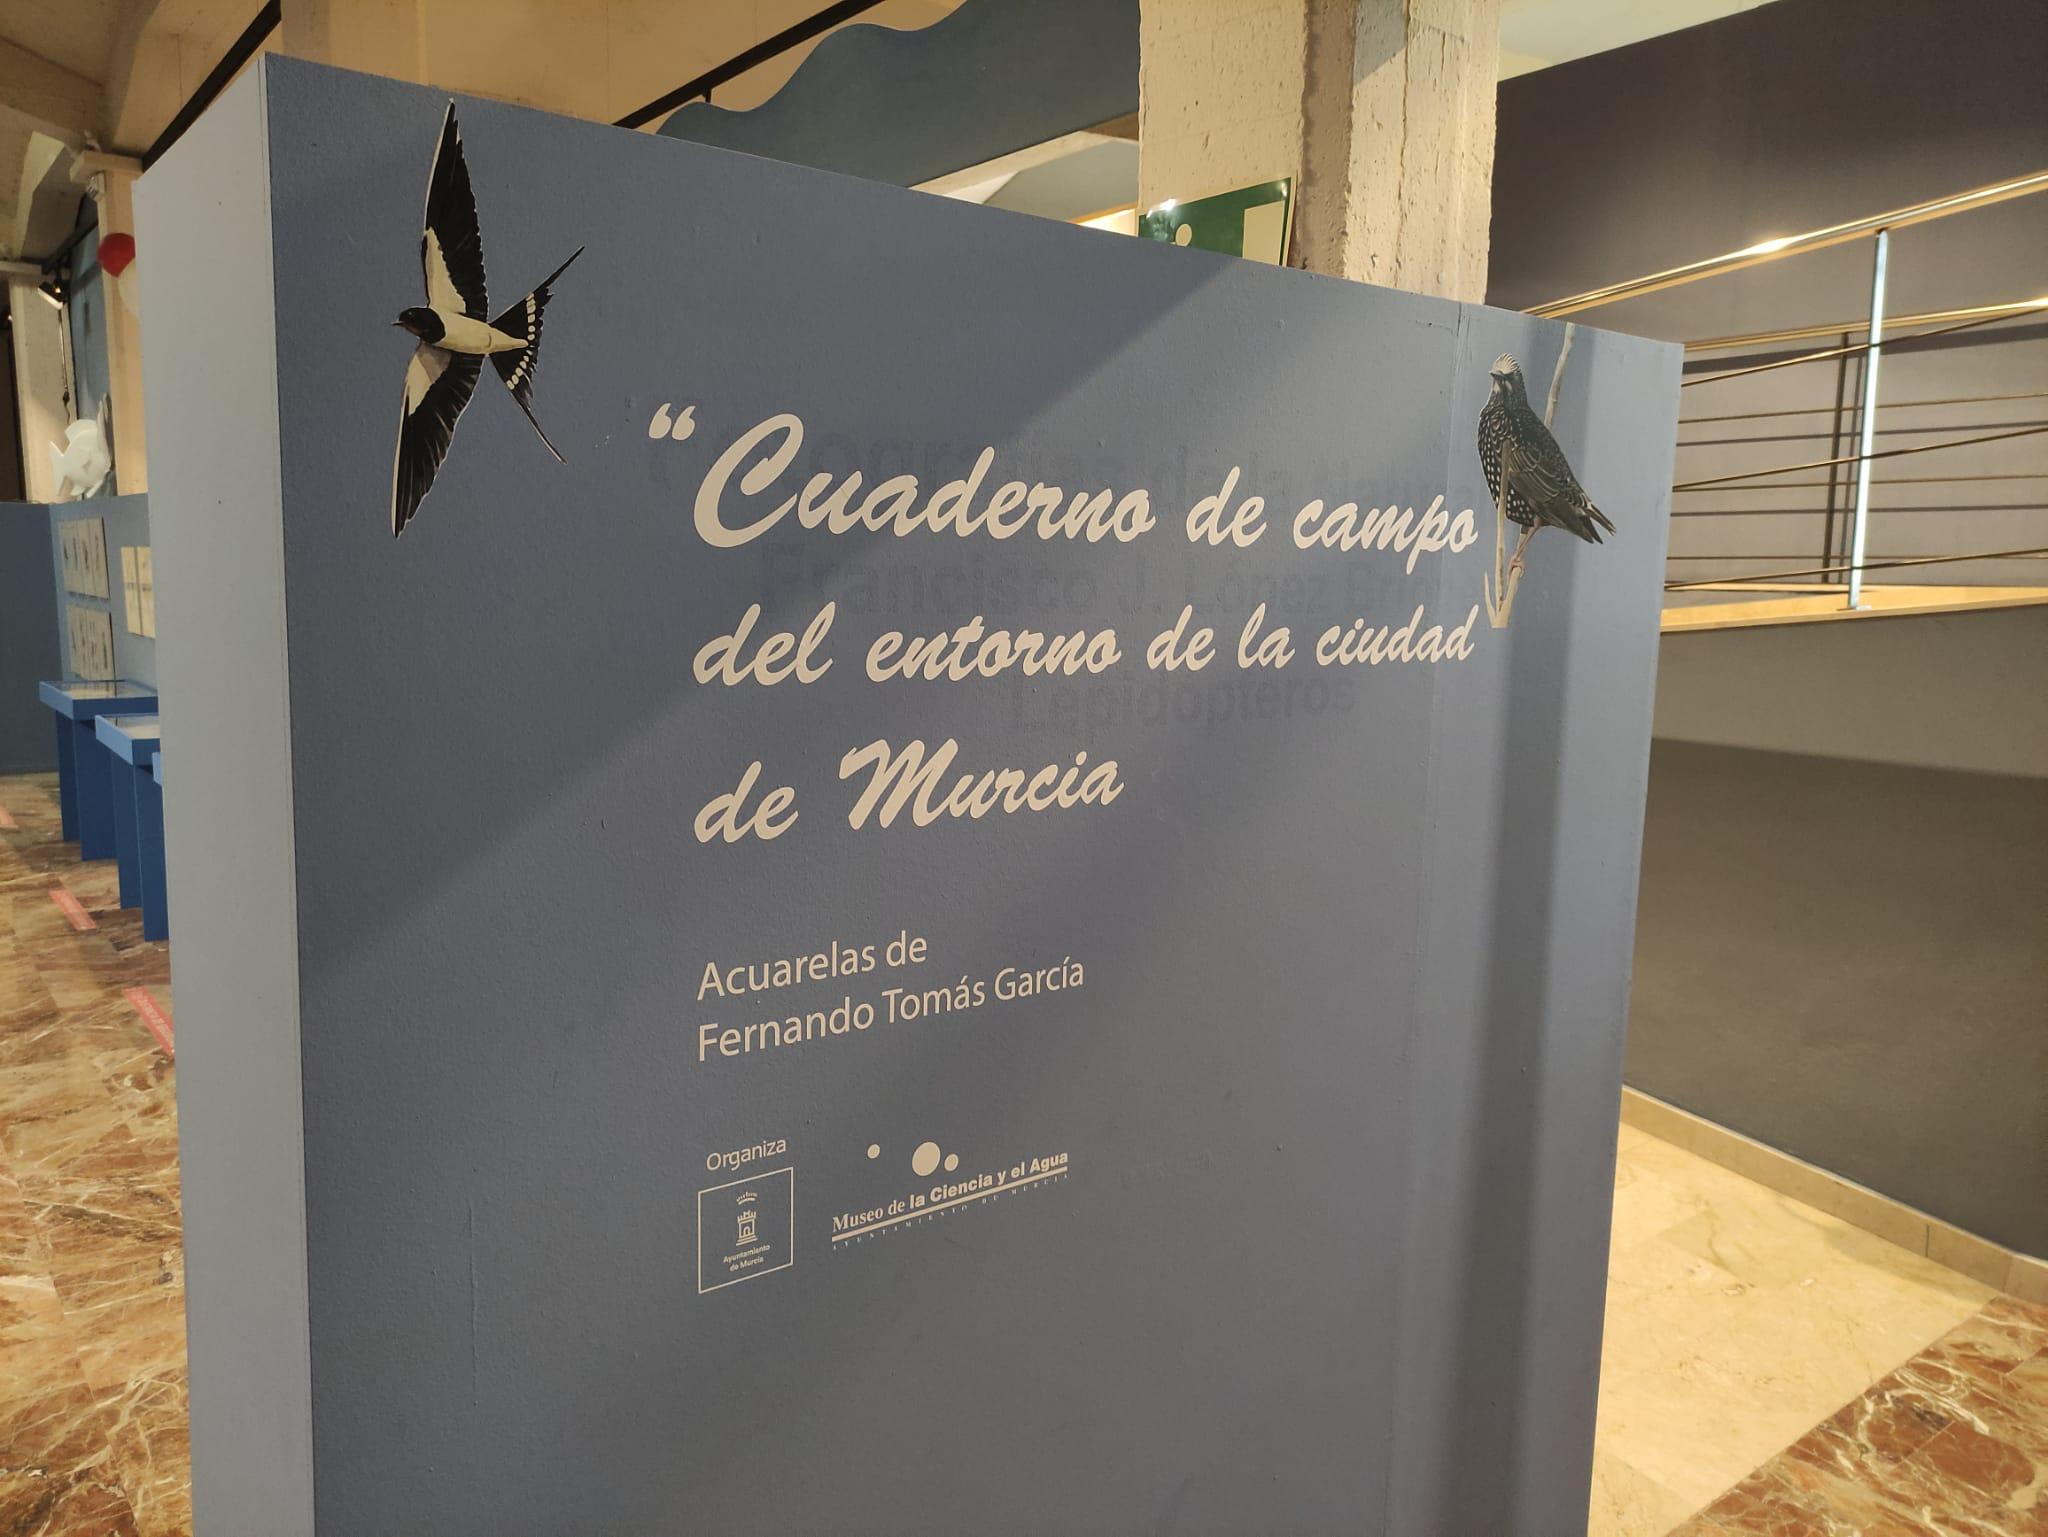 Cuaderno de campo del entorno de la ciudad de Murcia_Fernando (4)